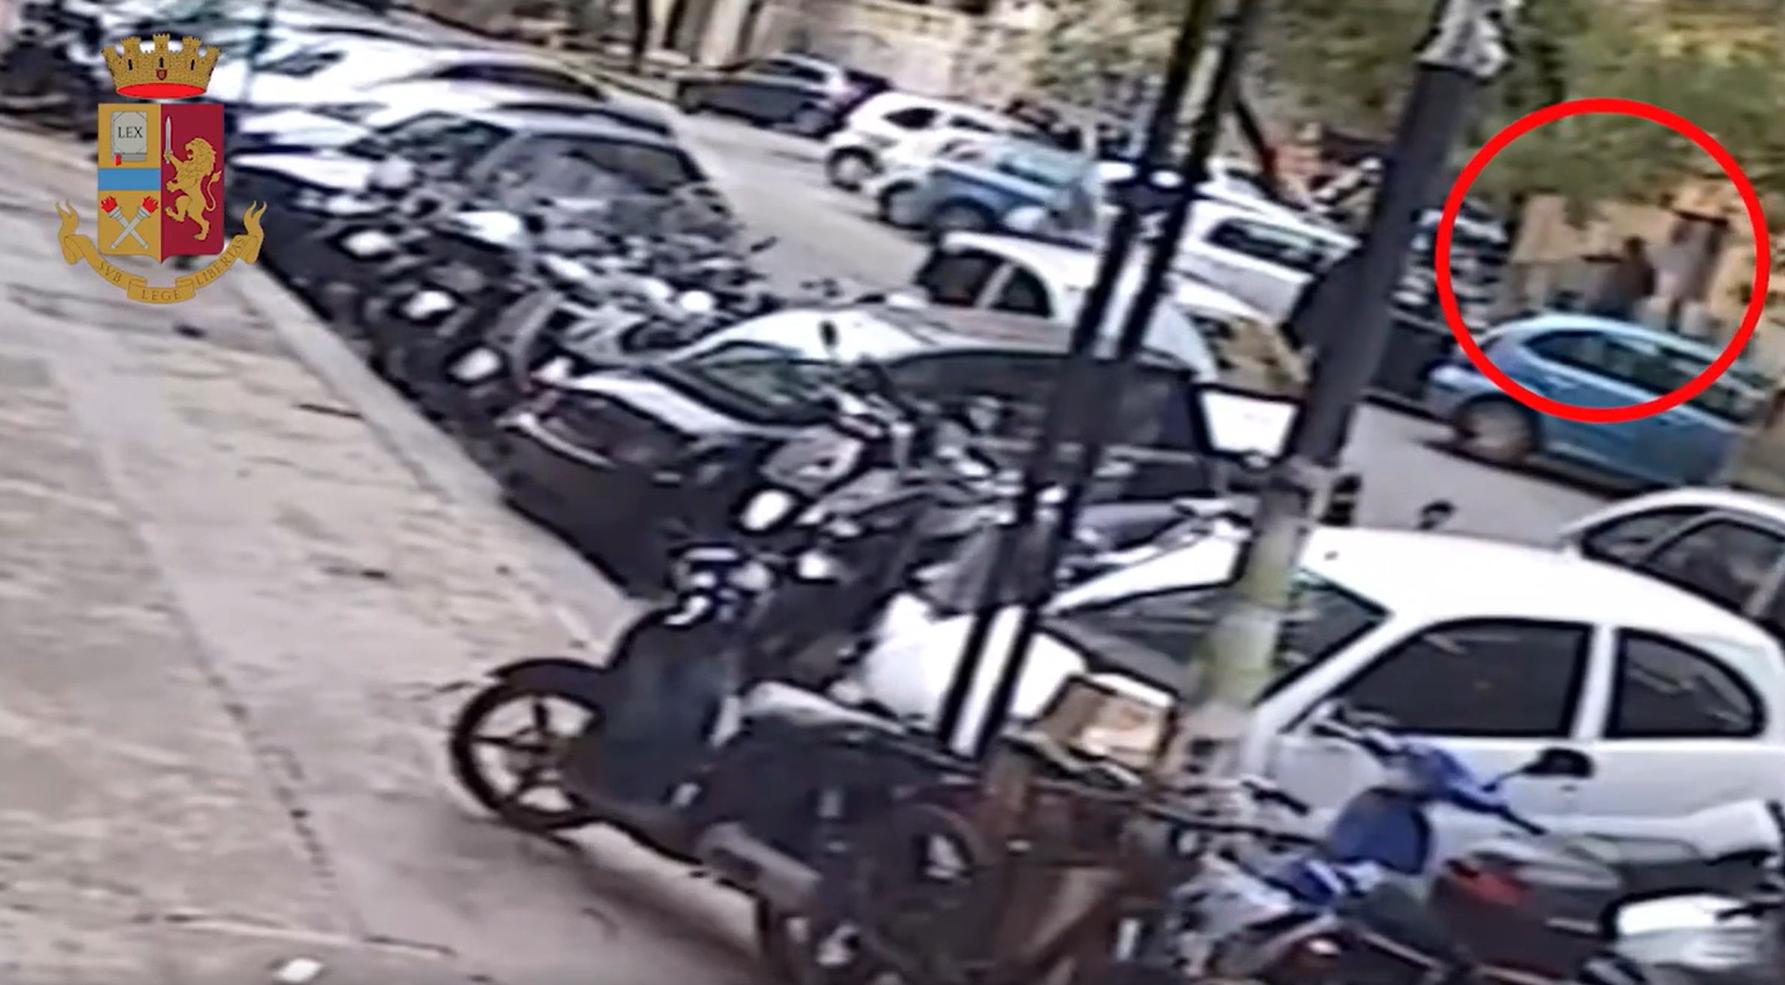 Guardia giurata derubata, malviventi scappano con 46mila euro e una pistola: tre arresti, i dettagli